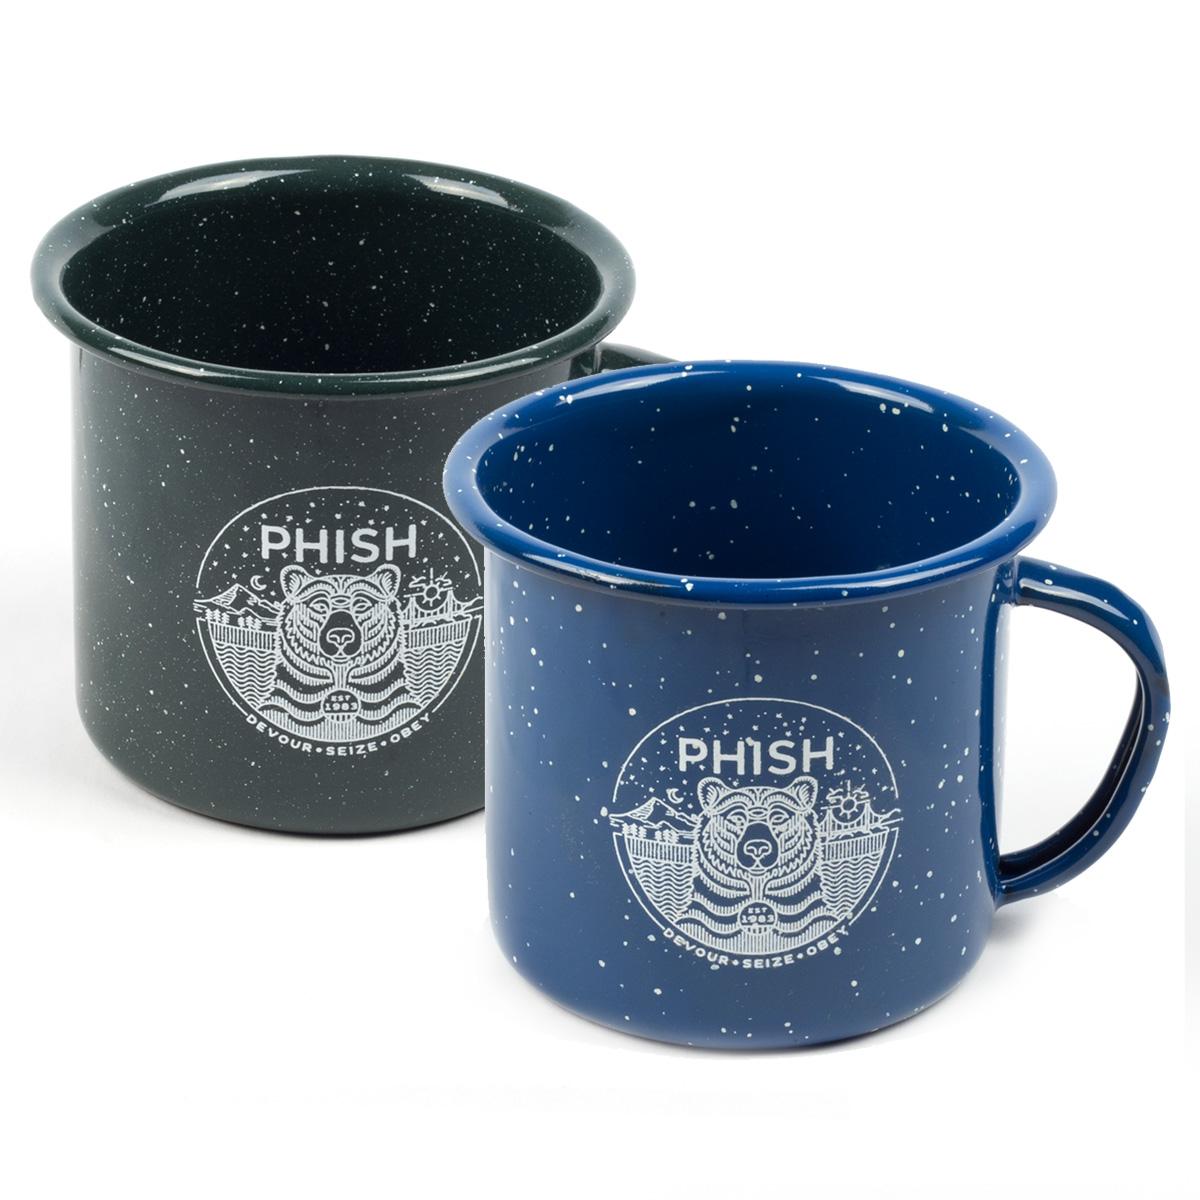 PHISH-MUGS.jpg